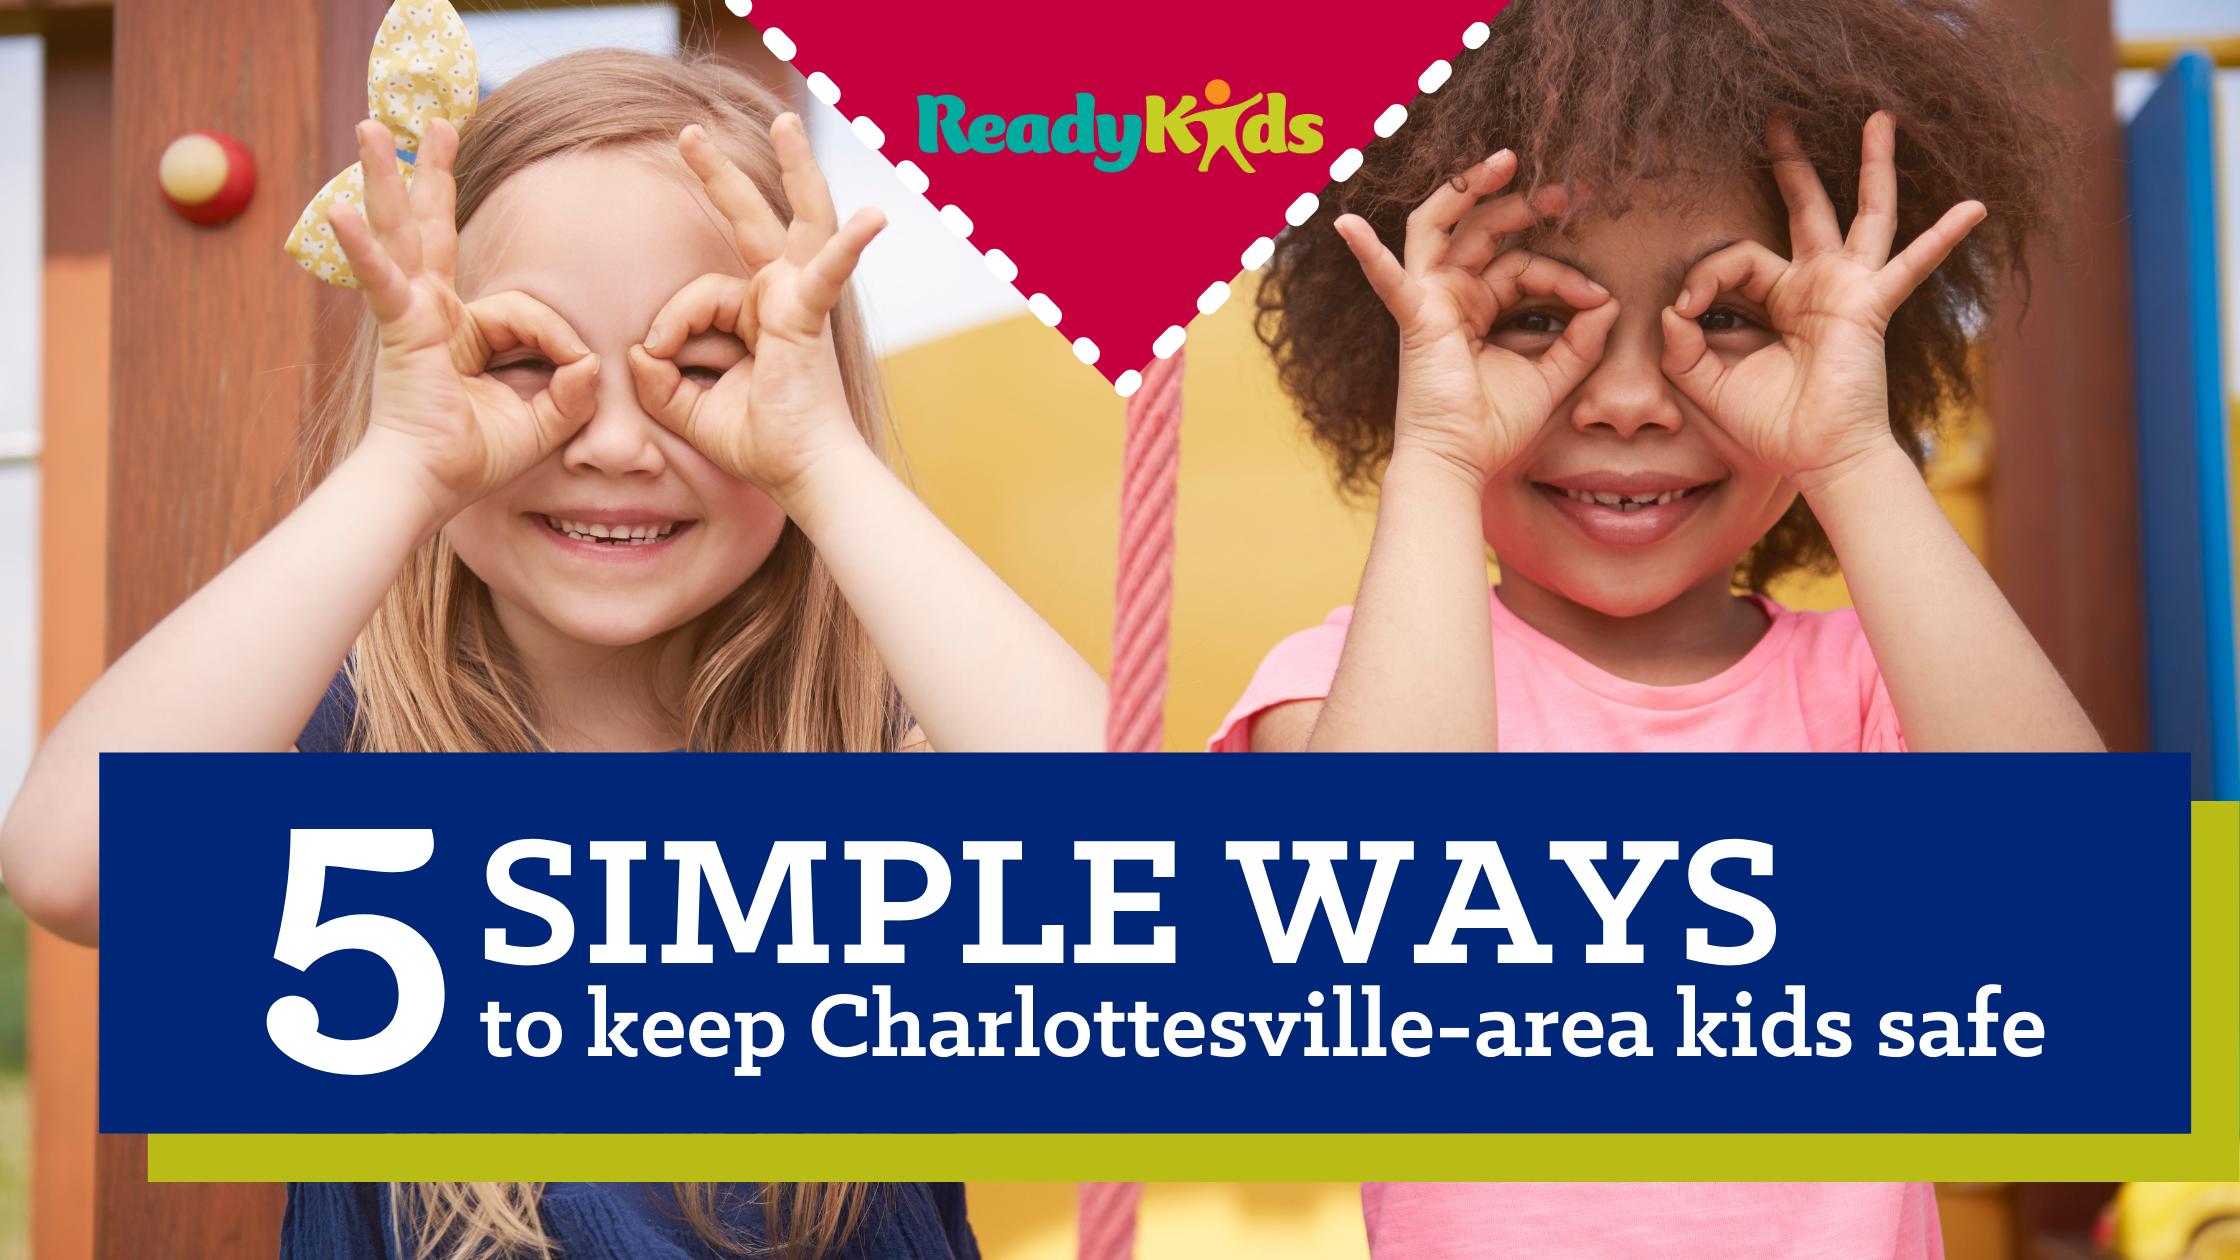 5 simple ways to keep Charlottesville-area kids safe